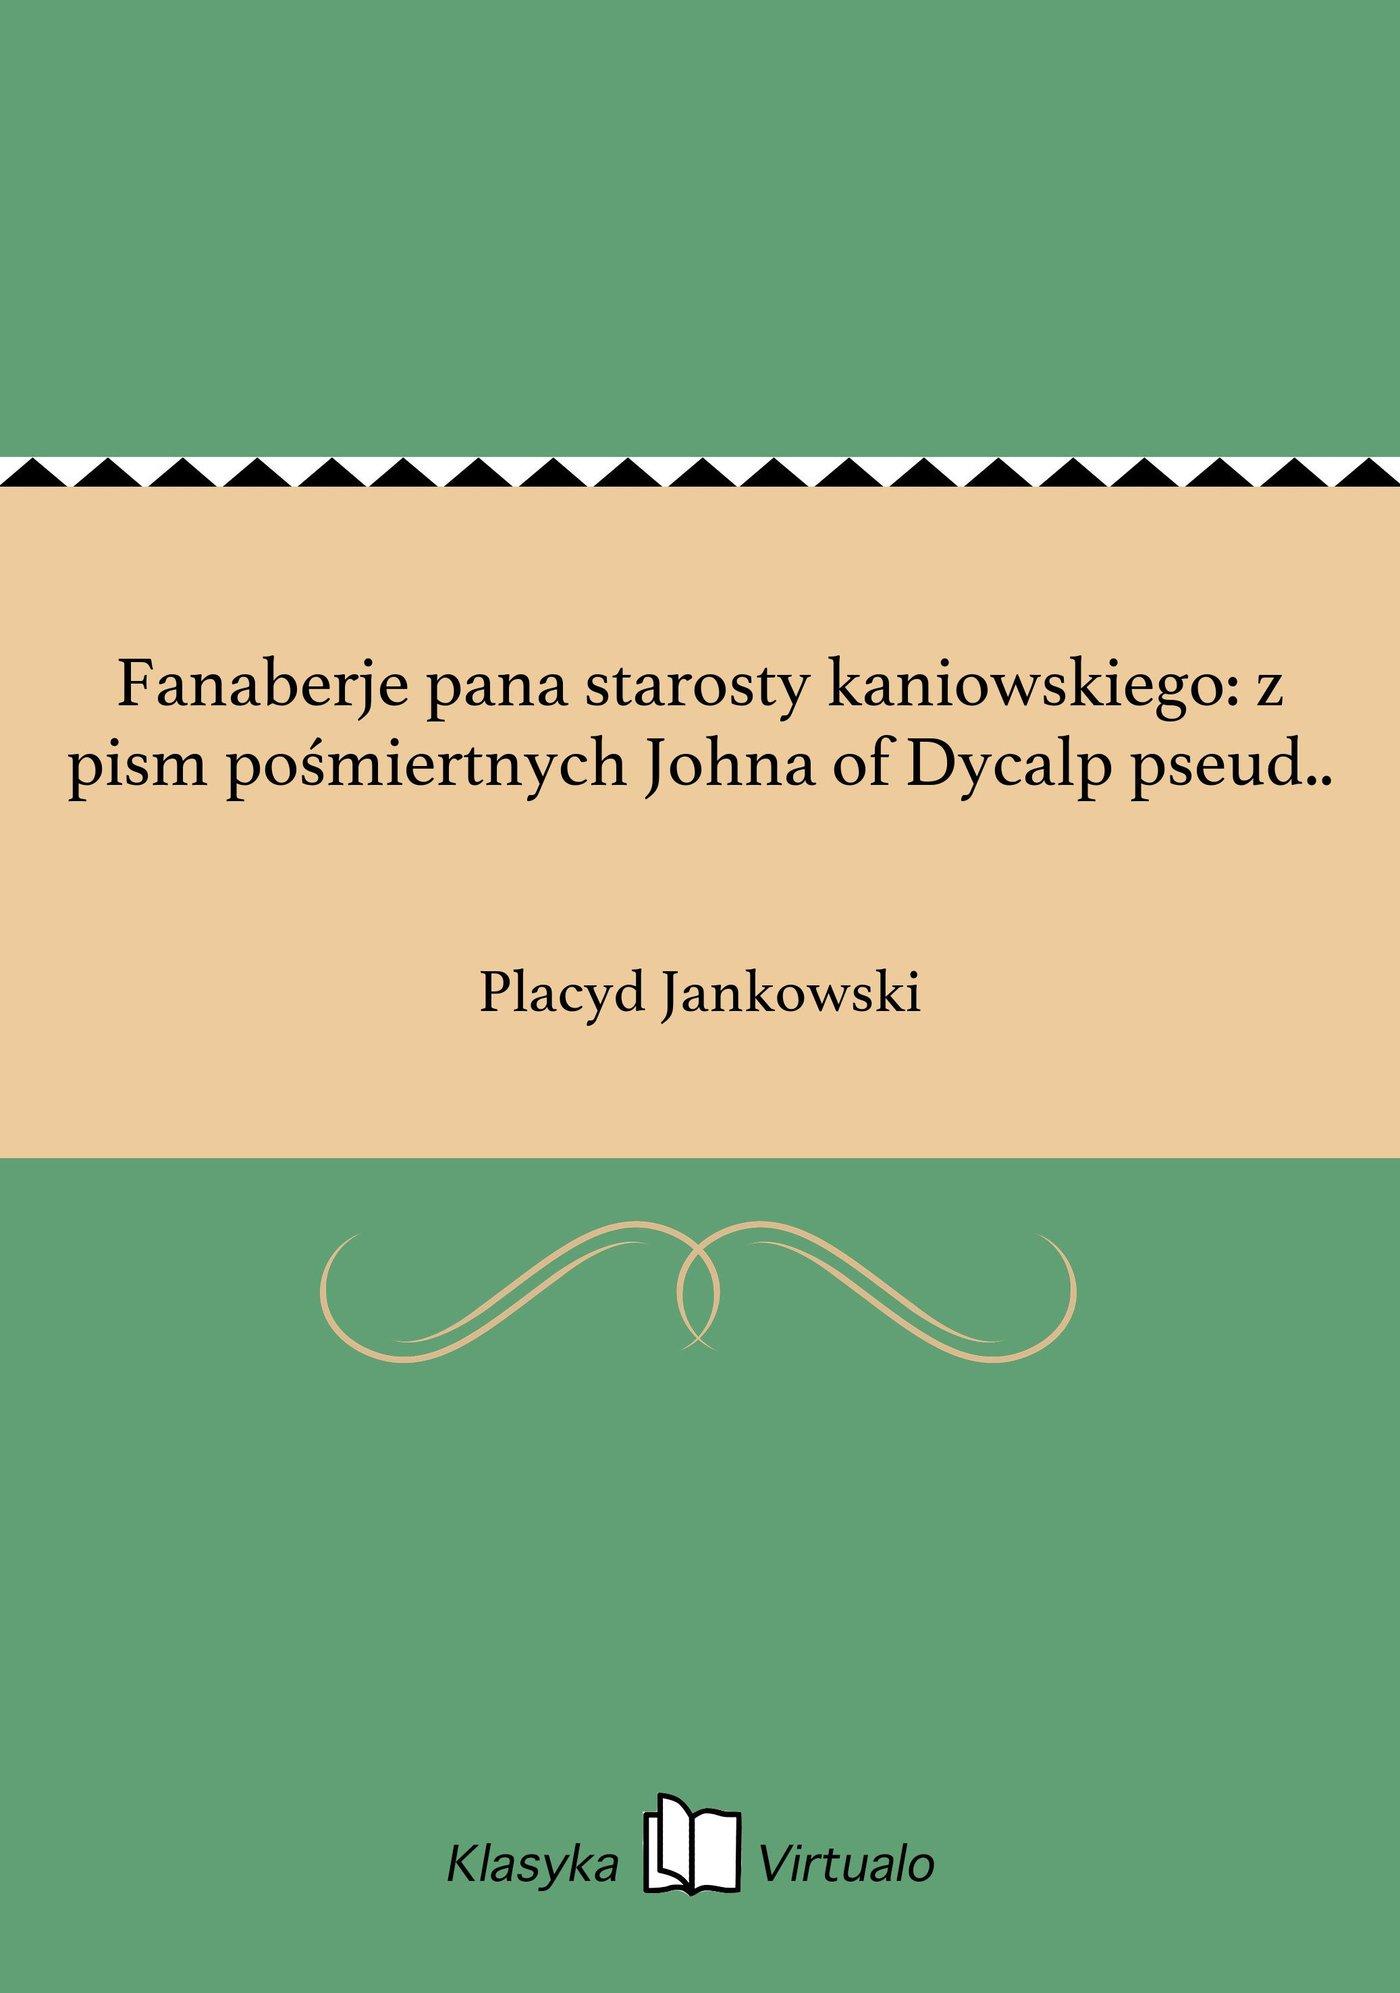 Fanaberje pana starosty kaniowskiego: z pism pośmiertnych Johna of Dycalp pseud.. - Ebook (Książka EPUB) do pobrania w formacie EPUB